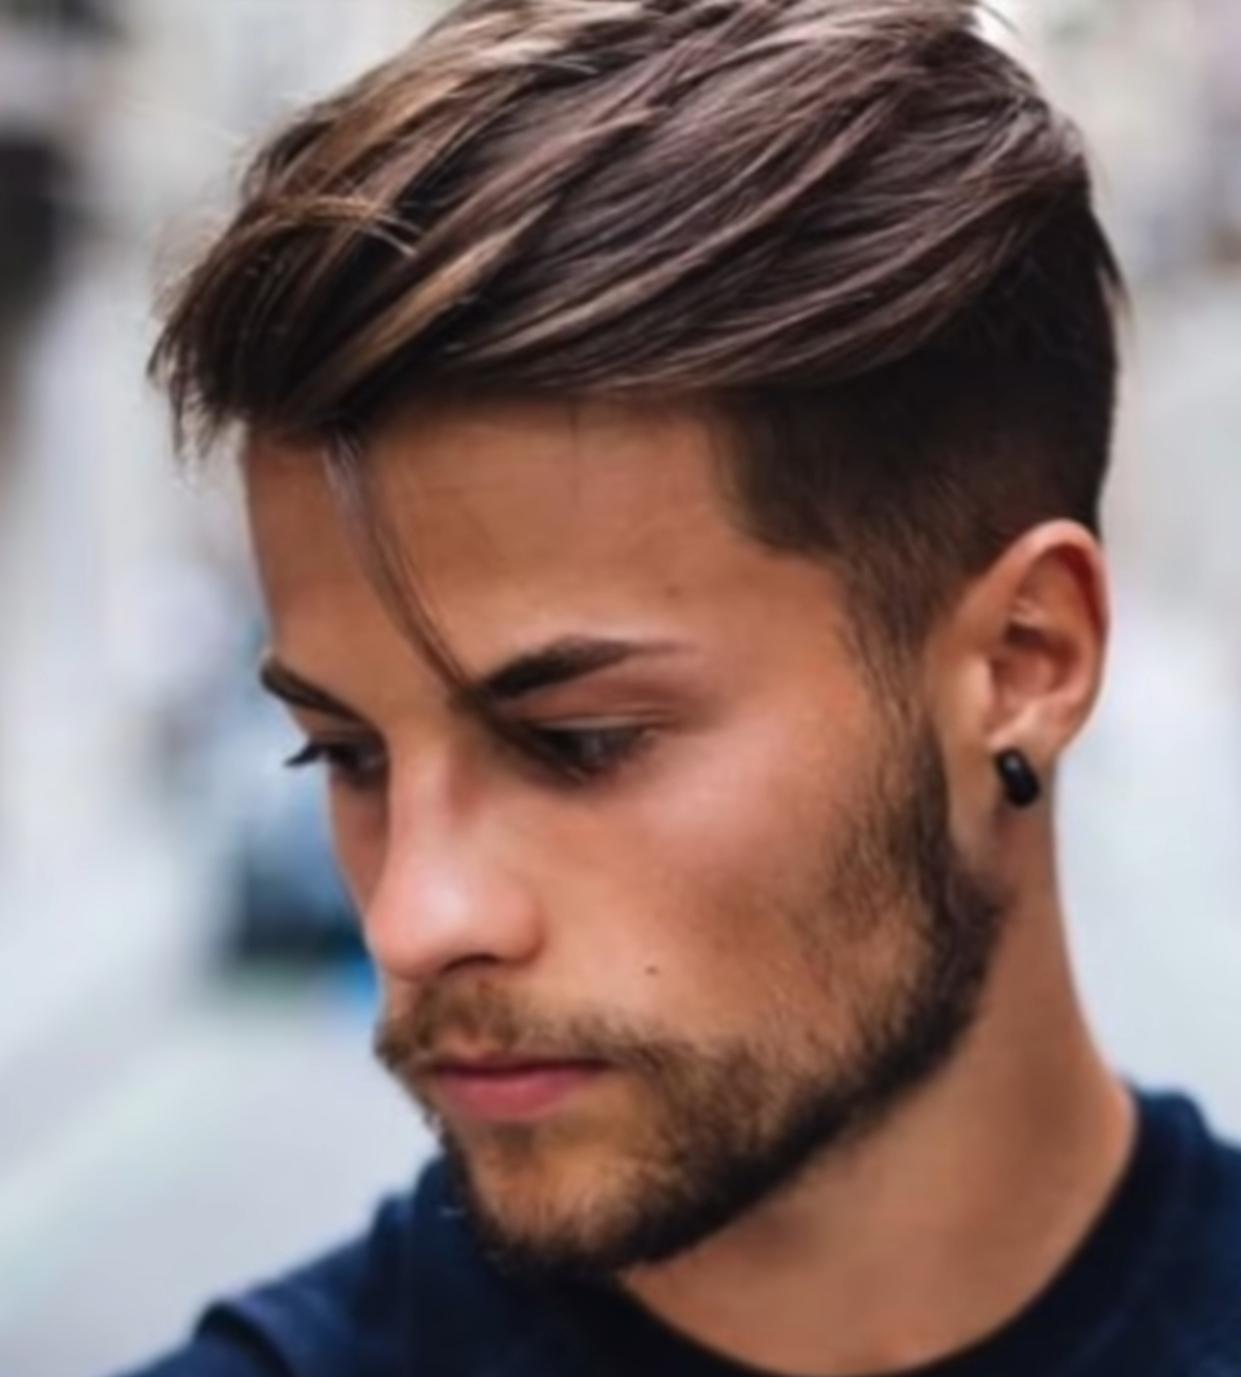 Undercut trotz dicken Haaren? (Haare, Männer, Frisur)